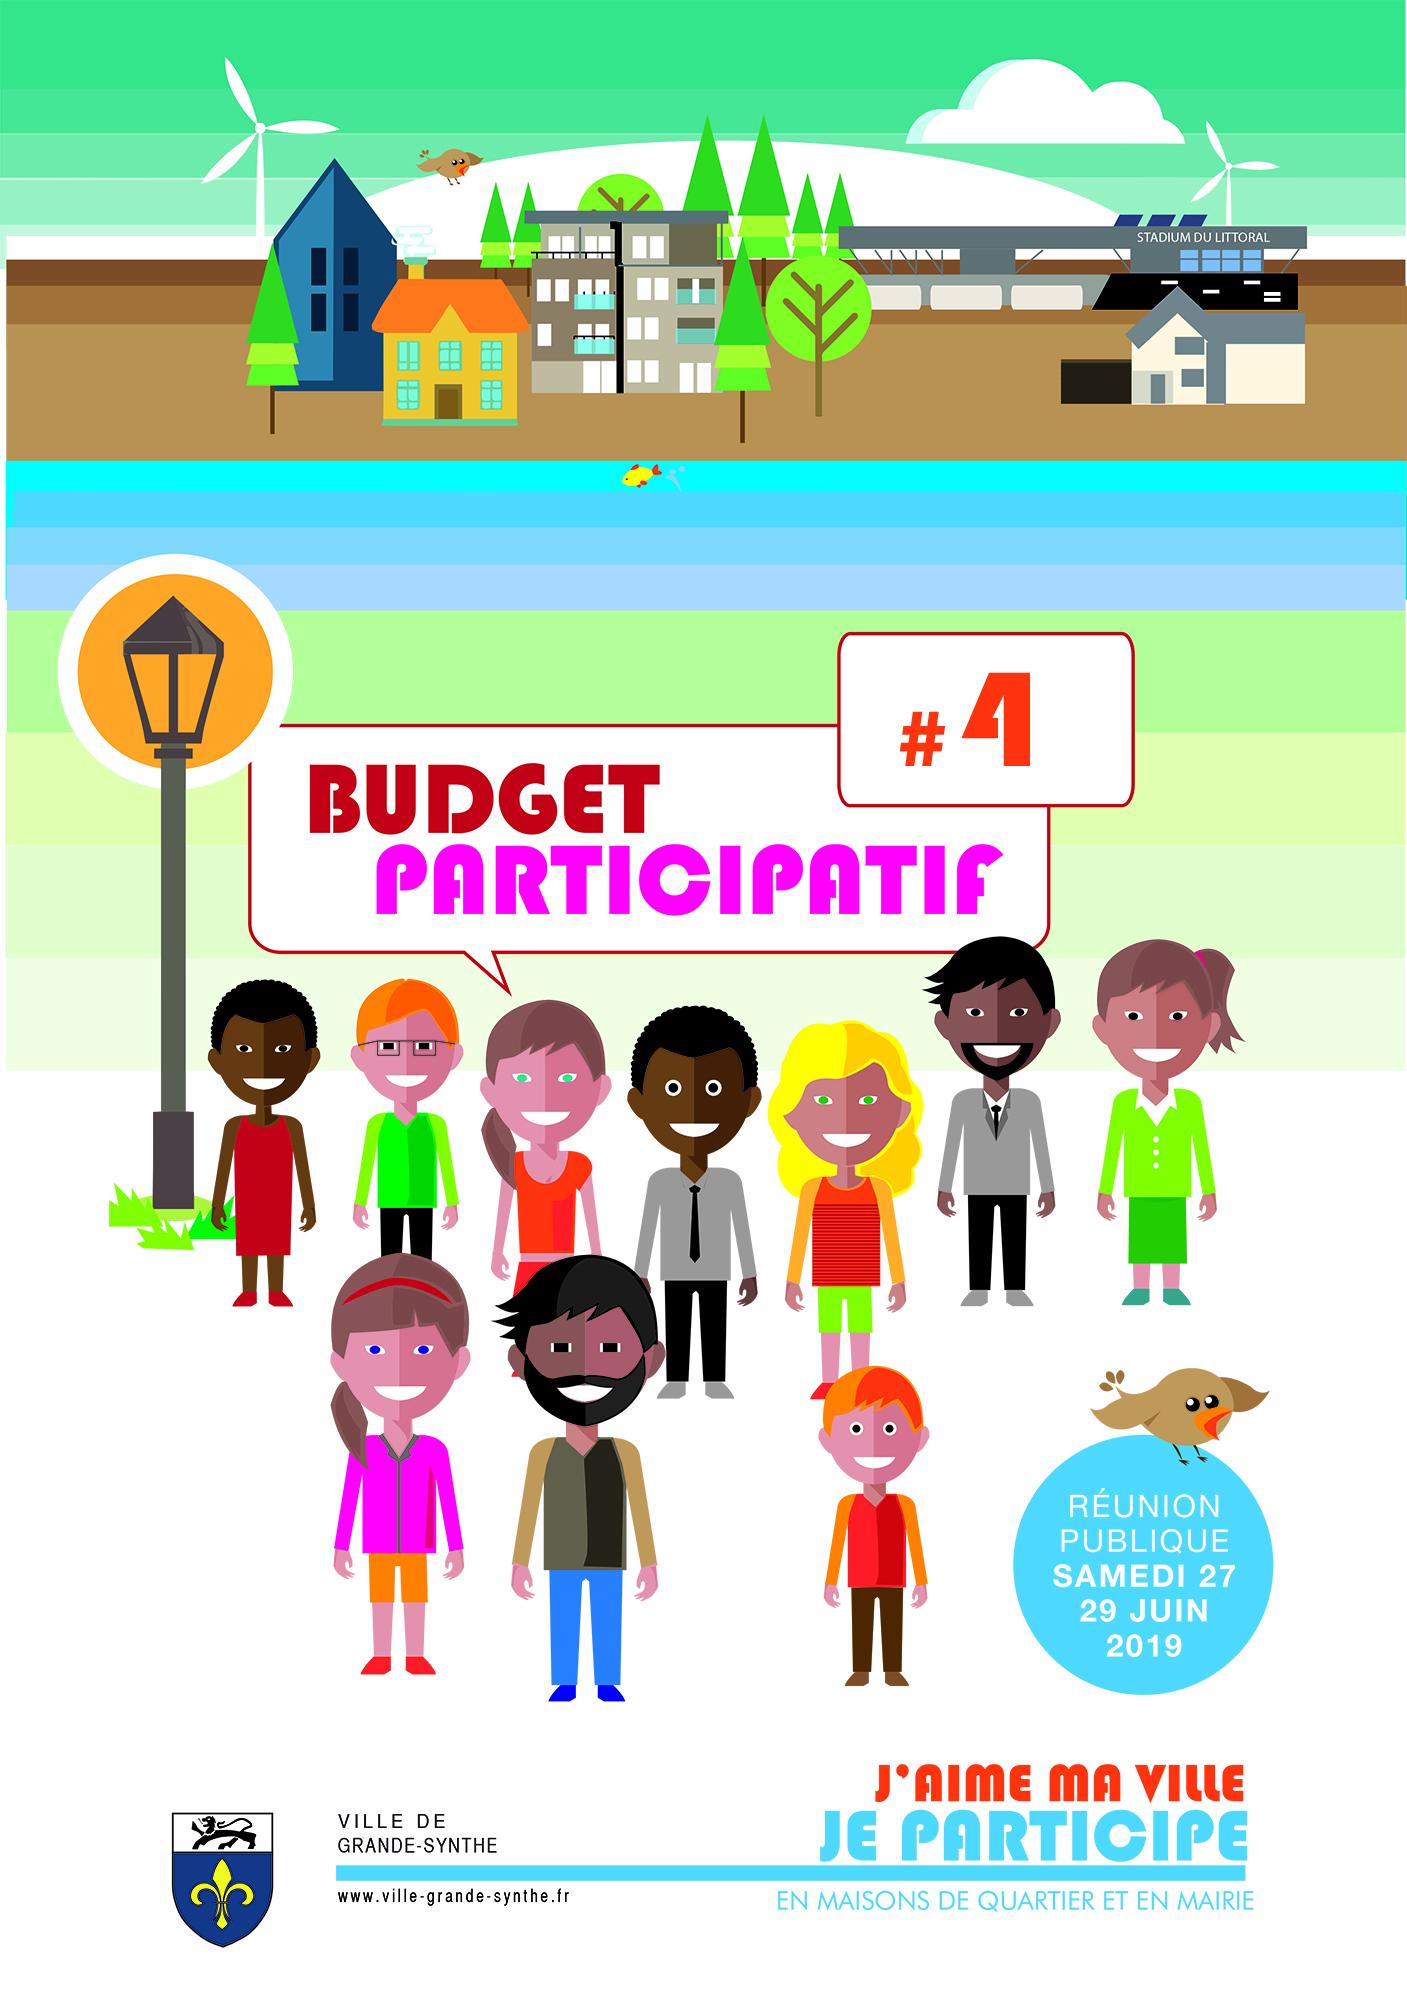 Réunion Publique Budget participatif #4